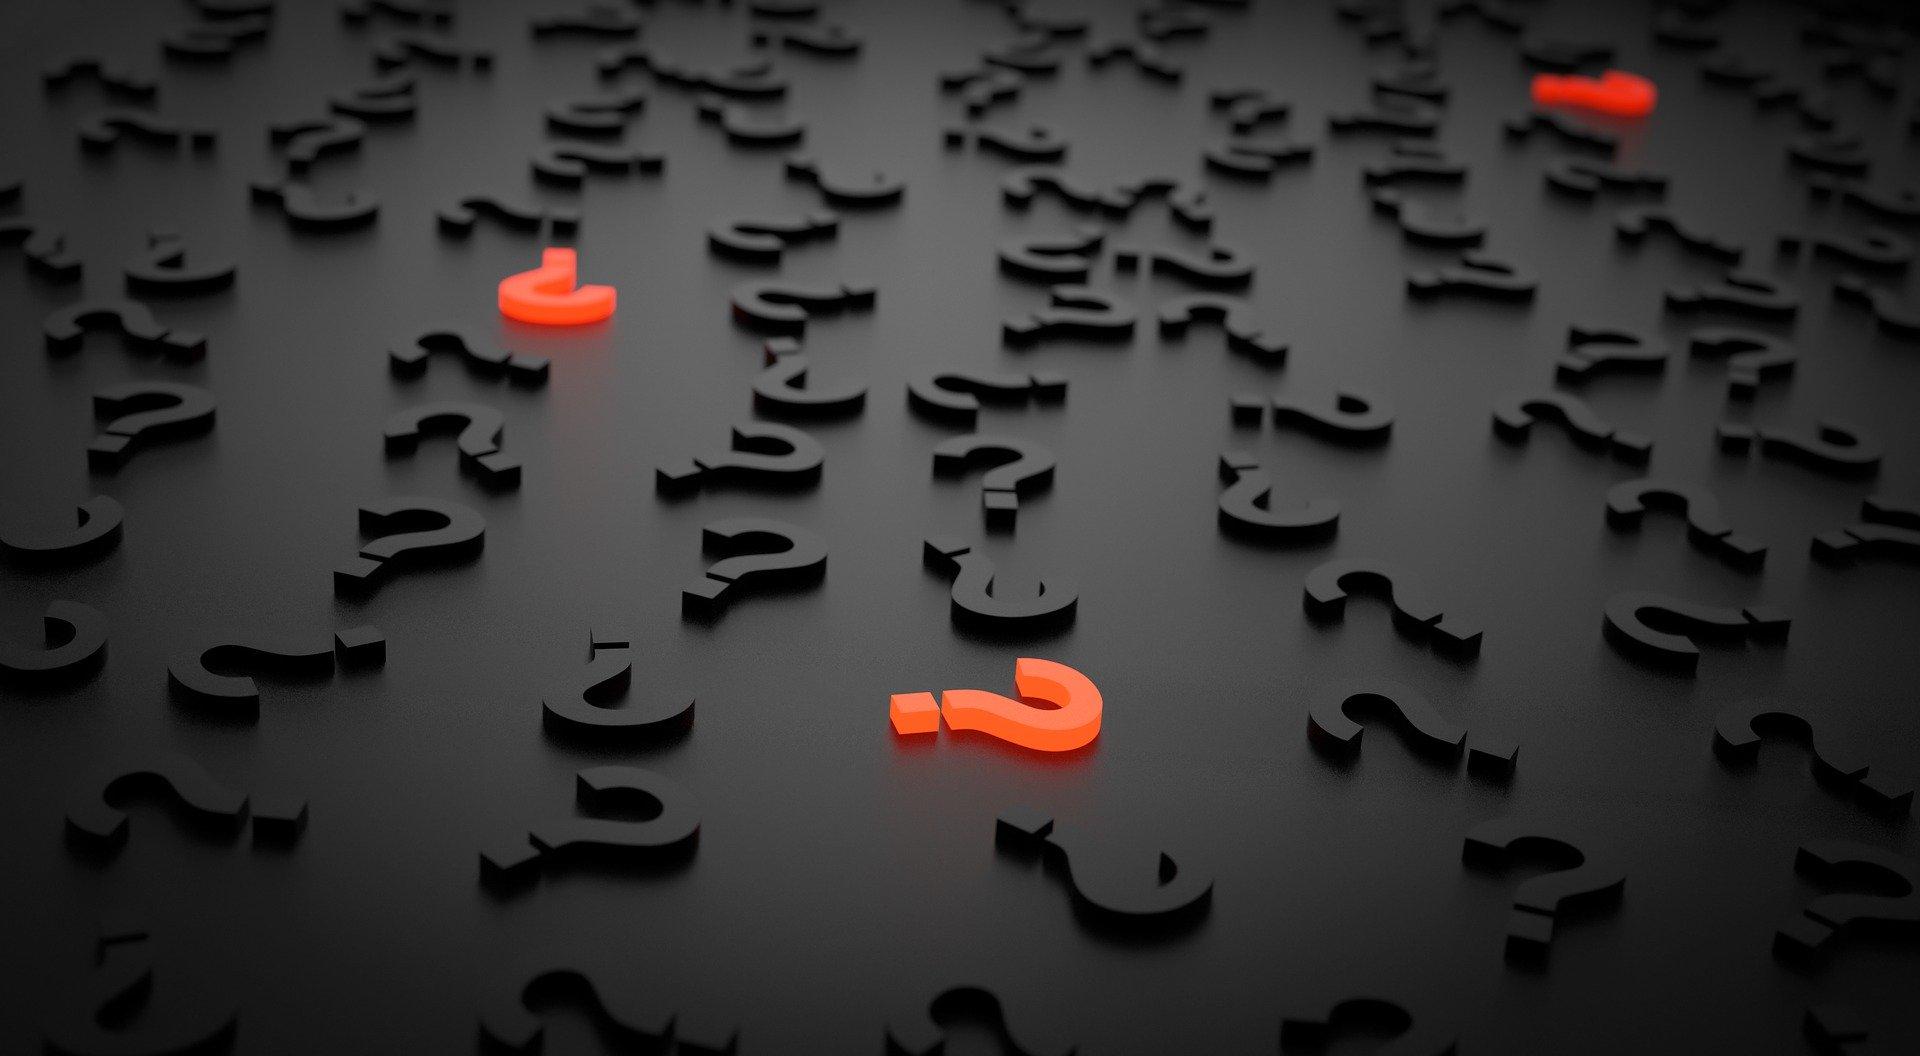 Чи обов'язково замовникові встановлювати хоча б один кваліфікаційний критерій?